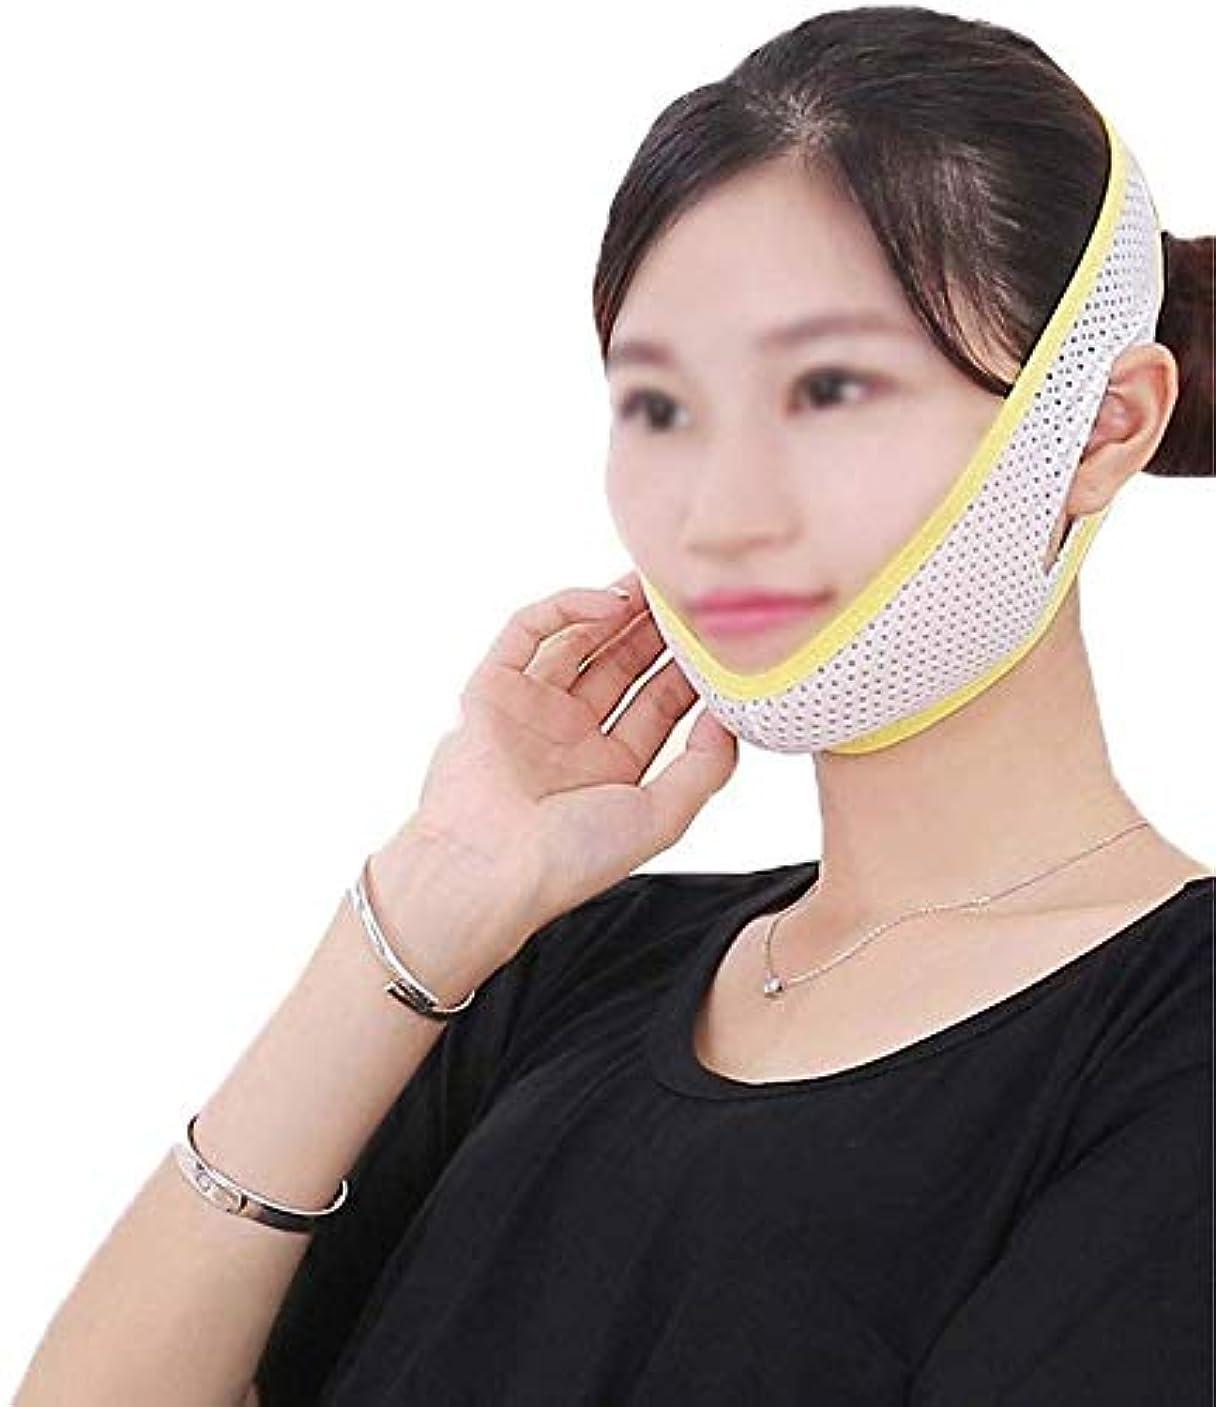 エキスパート識別する急ぐ美しさと実用的な顔と首のリフト、フェイスリフトマスク強力なフェイスリフティングツール引き締めとリフトスキニーフェイスマスクアーティファクトフェイスリフティング包帯フェイスリフティングデバイス(サイズ:M)